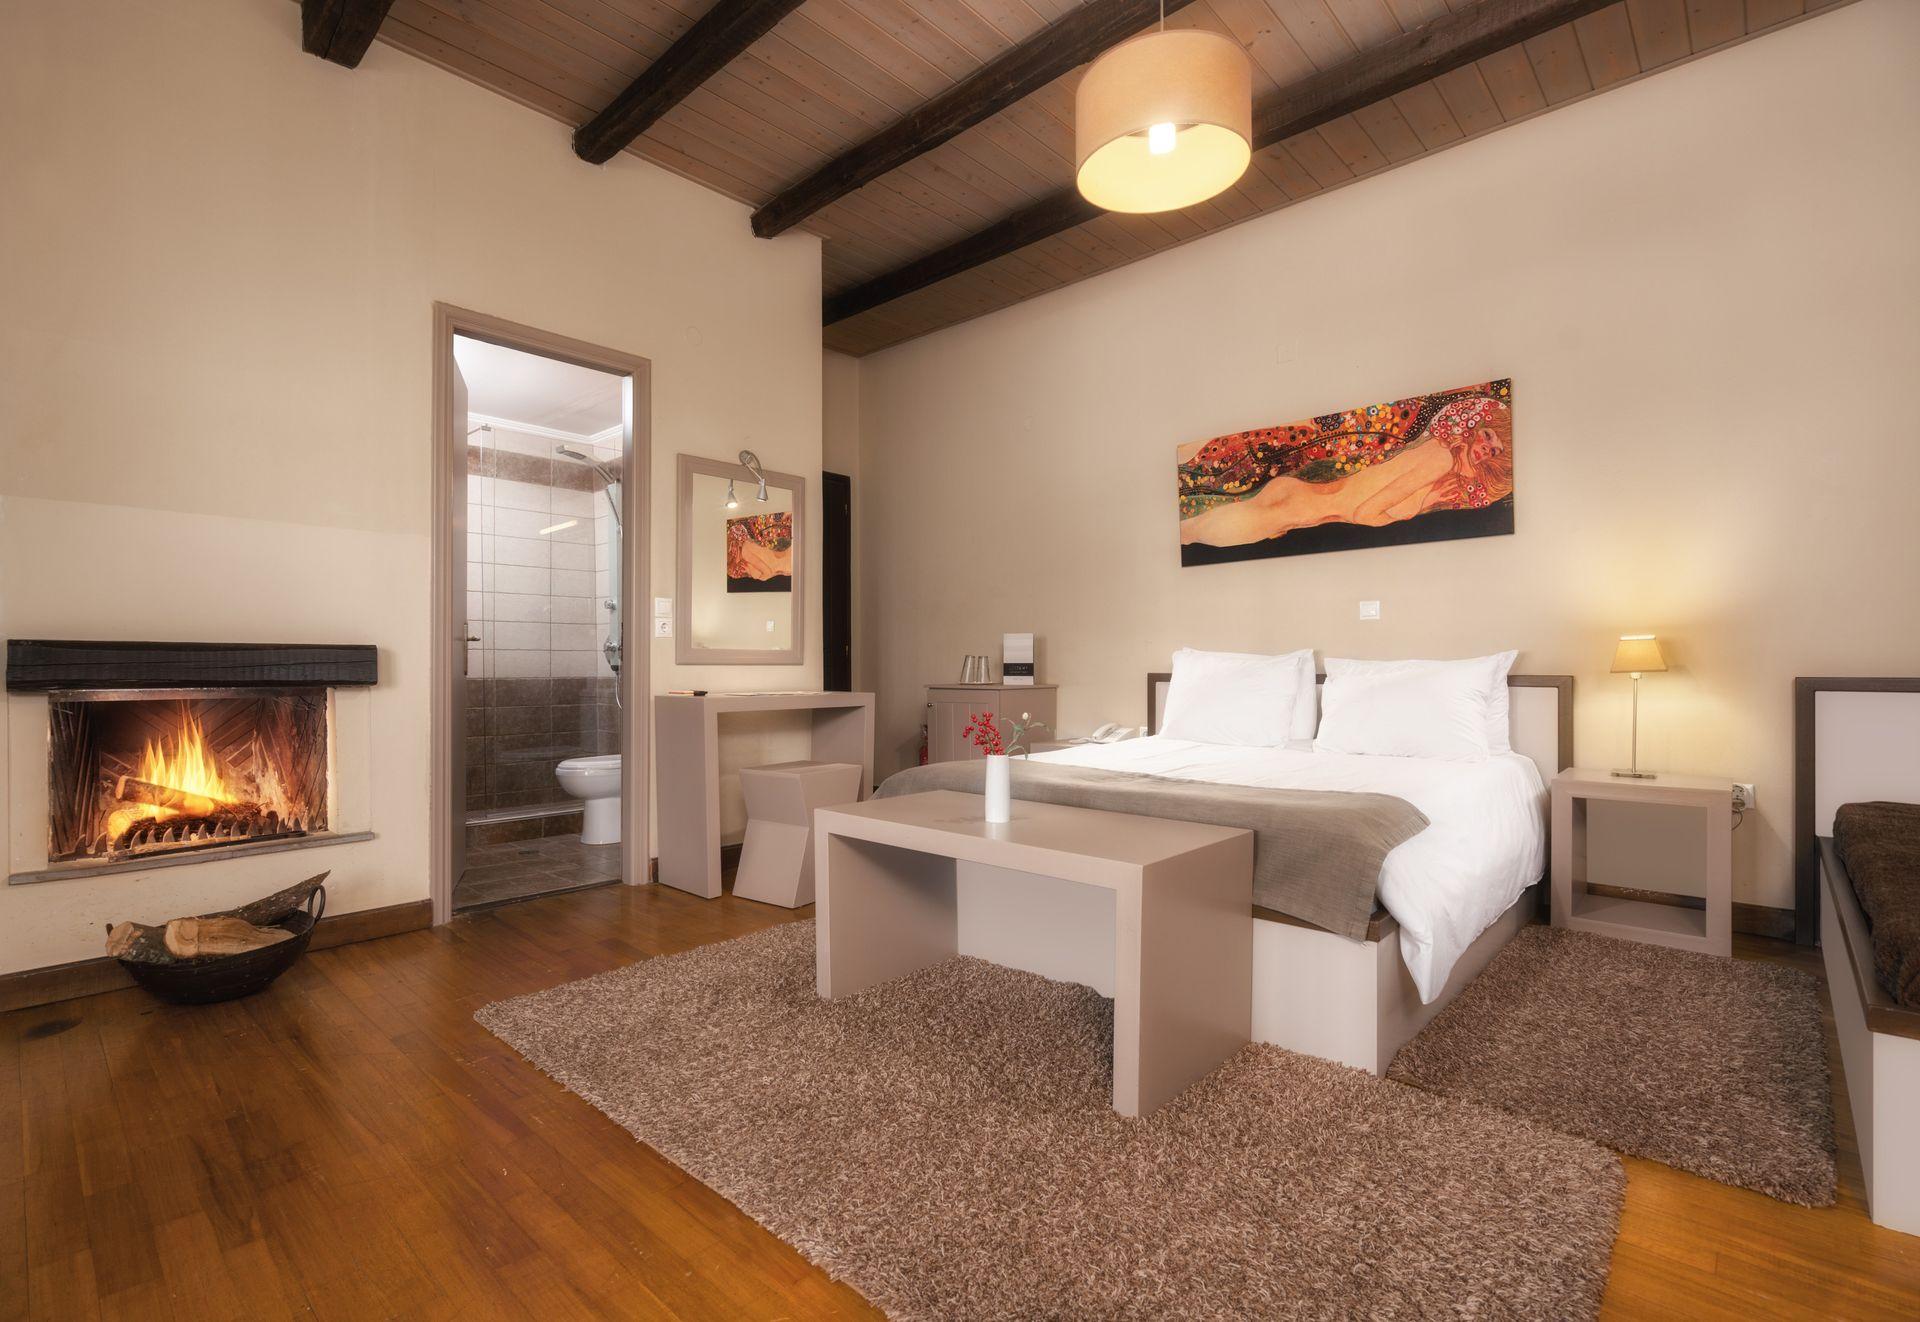 Gefyri Hotel - Κόνιτσα ✦ 2 Ημέρες (1 Διανυκτέρευση) ✦ 2 άτομα + 1 παιδί έως 5 ετών ✦ Πρωινό ✦ έως 06/01/2021 ✦ Υπέροχη Τοποθεσία!